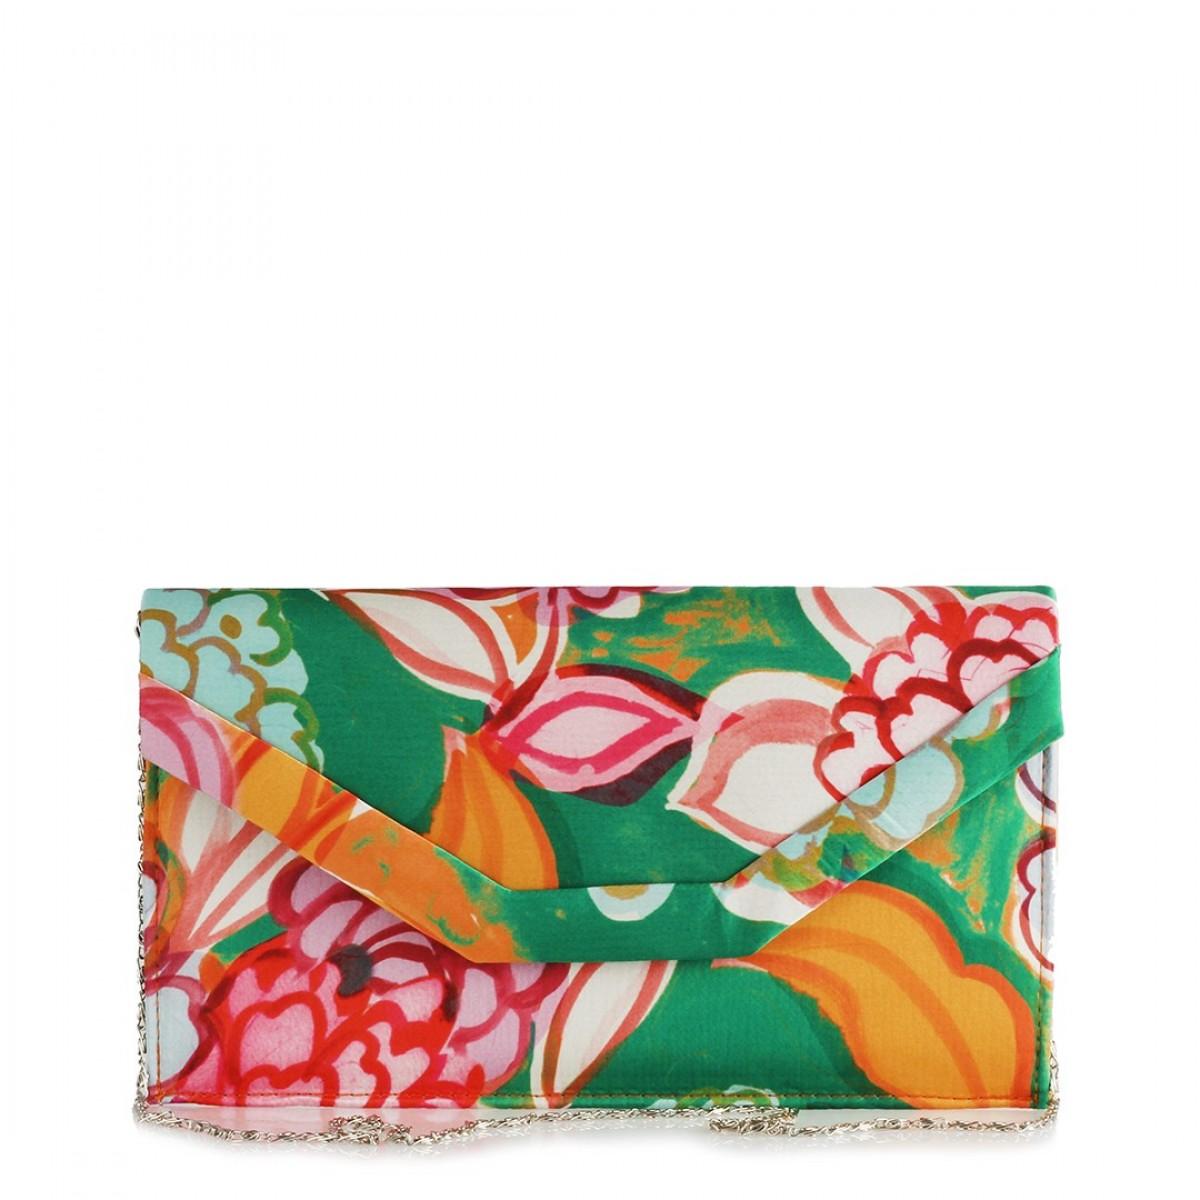 37a6a9b22ecc5 Portföy El Çanta Çiçek Desenli Renkli